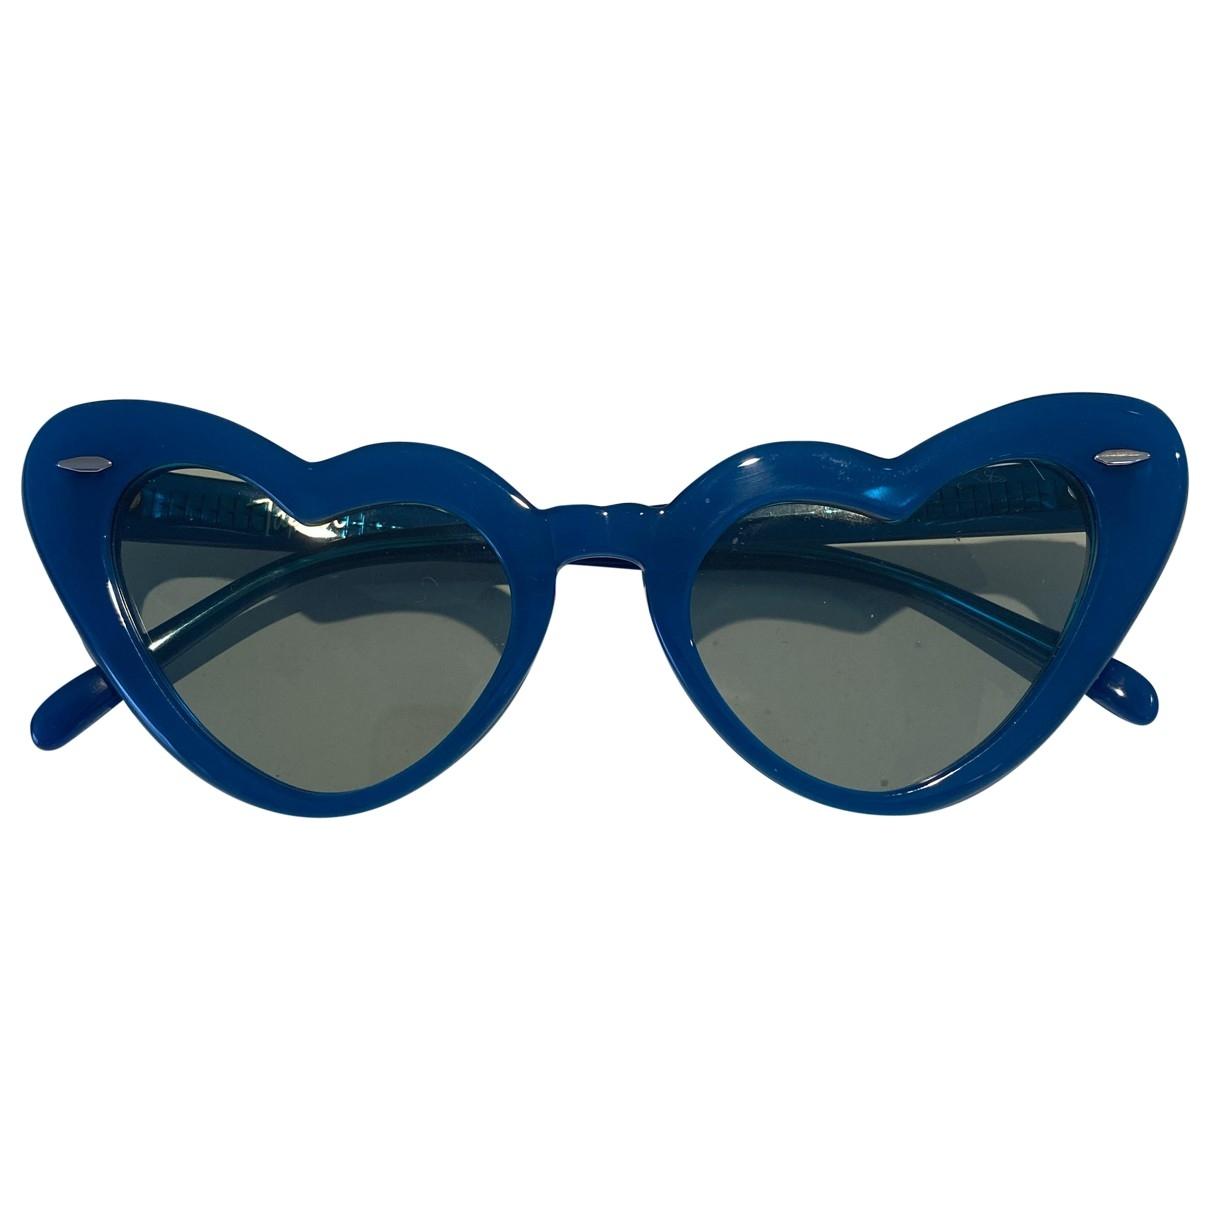 Gafas Takesh Eyewear